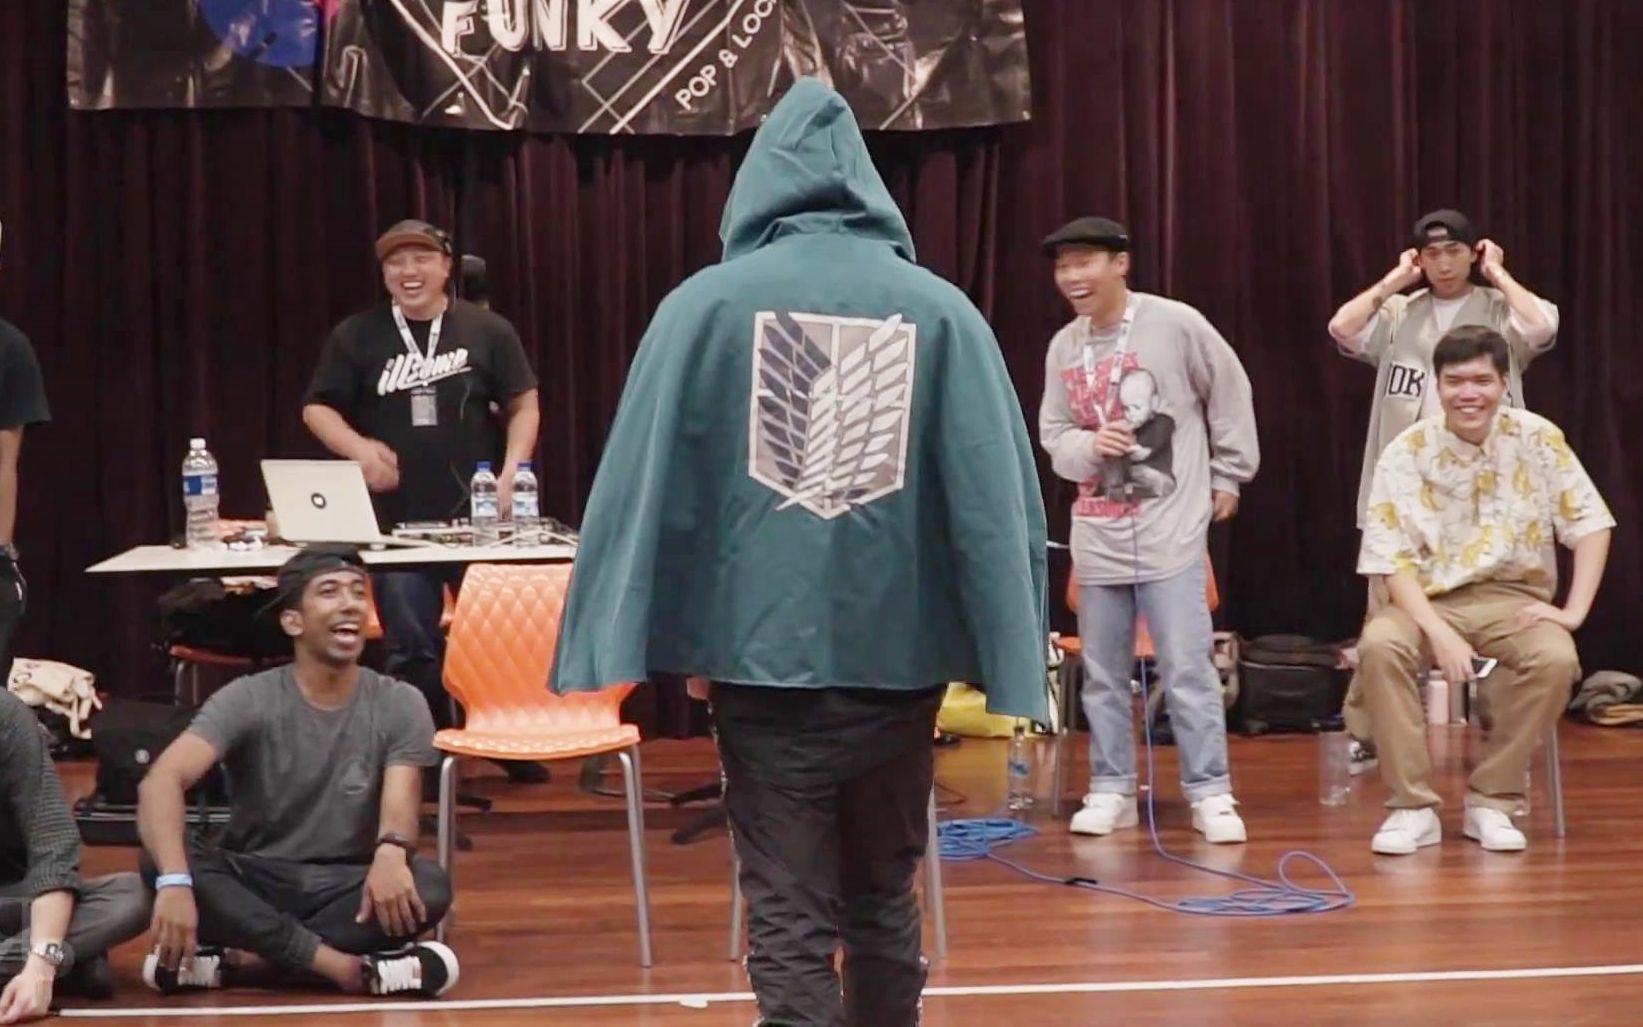 进击的巨人OP配上街舞?!'献出心脏'的锁舞裁判表演!Saywan新加坡NTU Funk Jam比赛Locking裁判秀